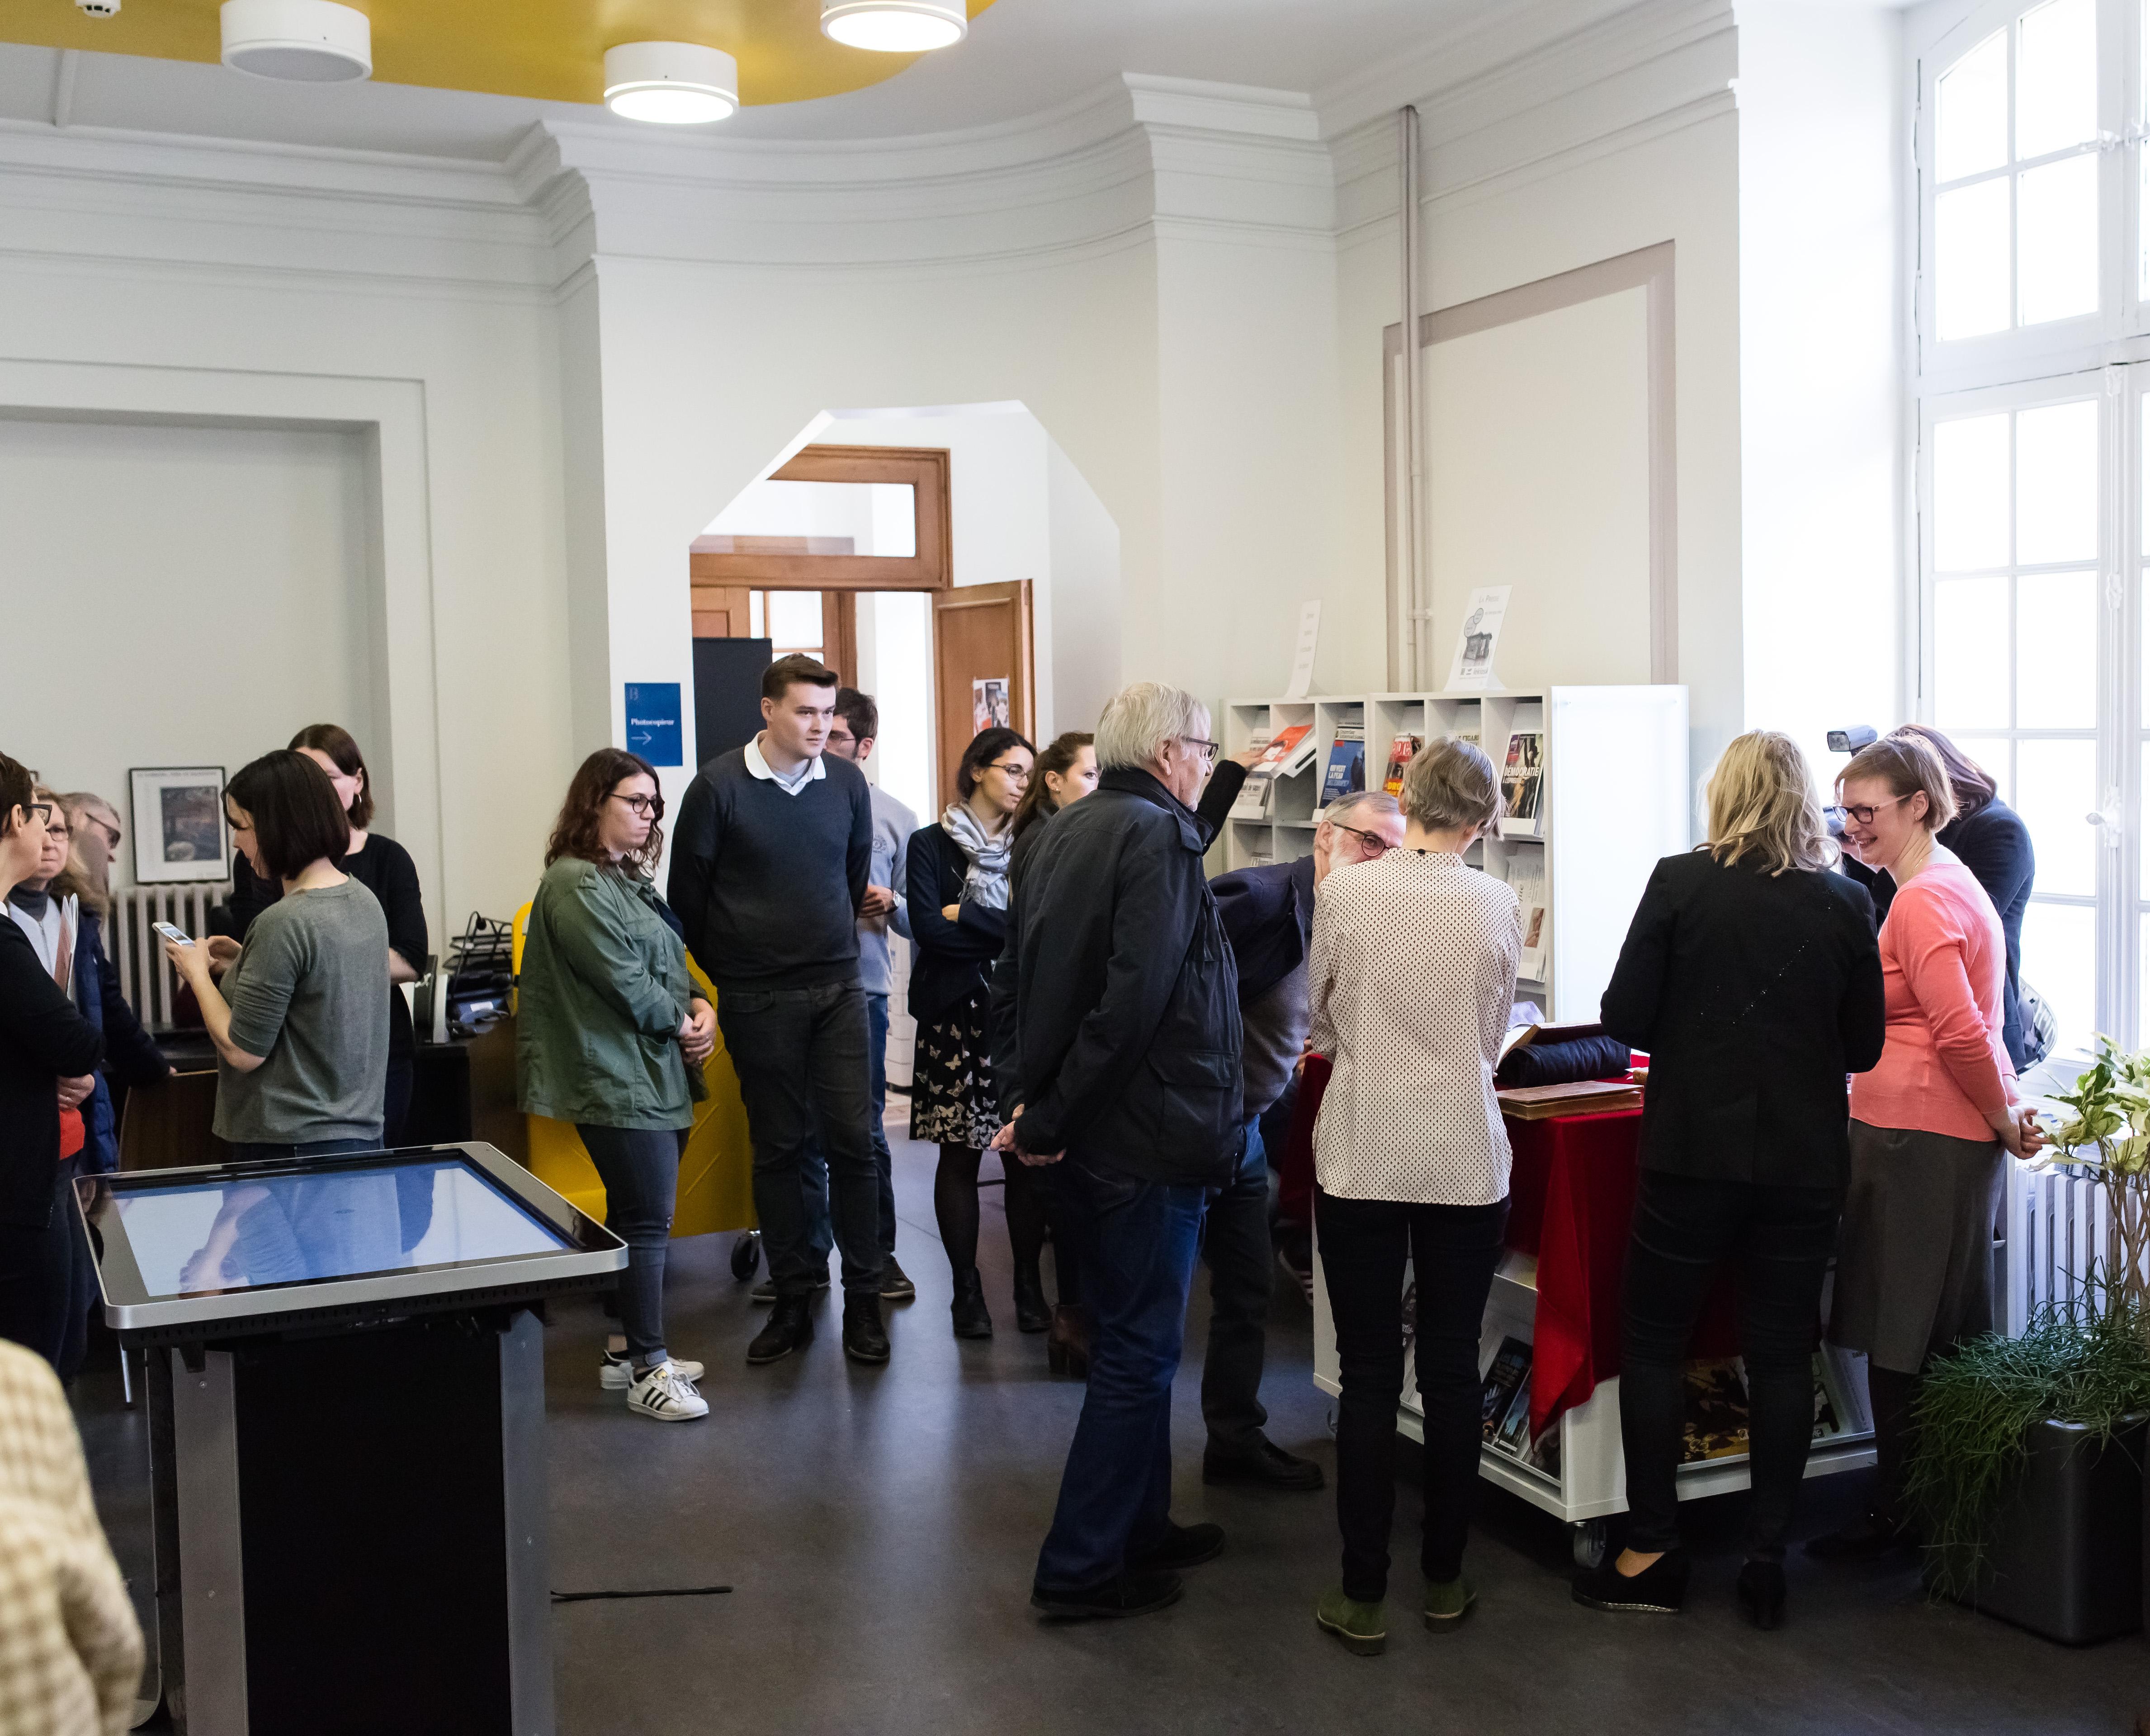 L'accueil de la Bibliothèque Stanislas lors de la présentation d'une nouvelle acquisition